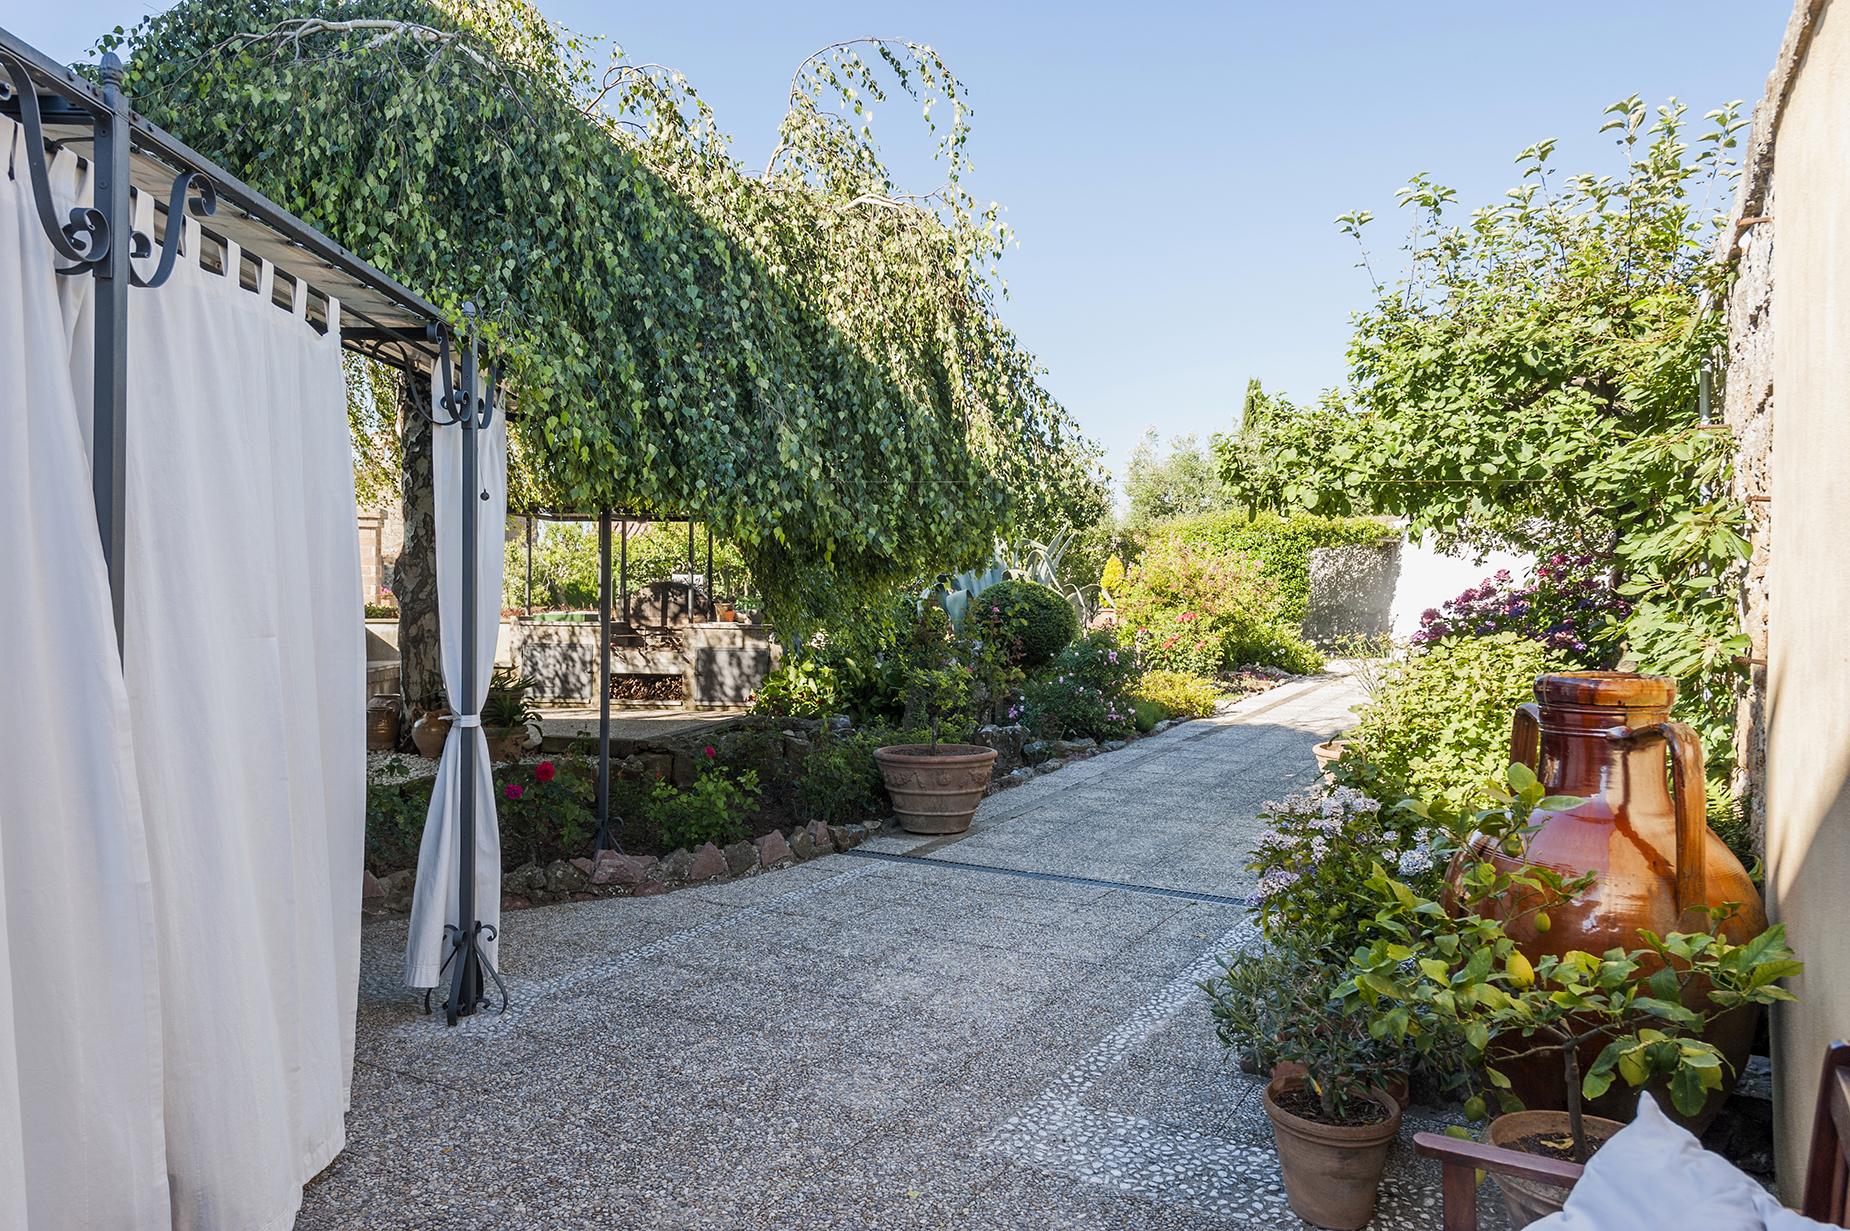 Casa indipendente in Vendita a Sorano: 5 locali, 230 mq - Foto 18